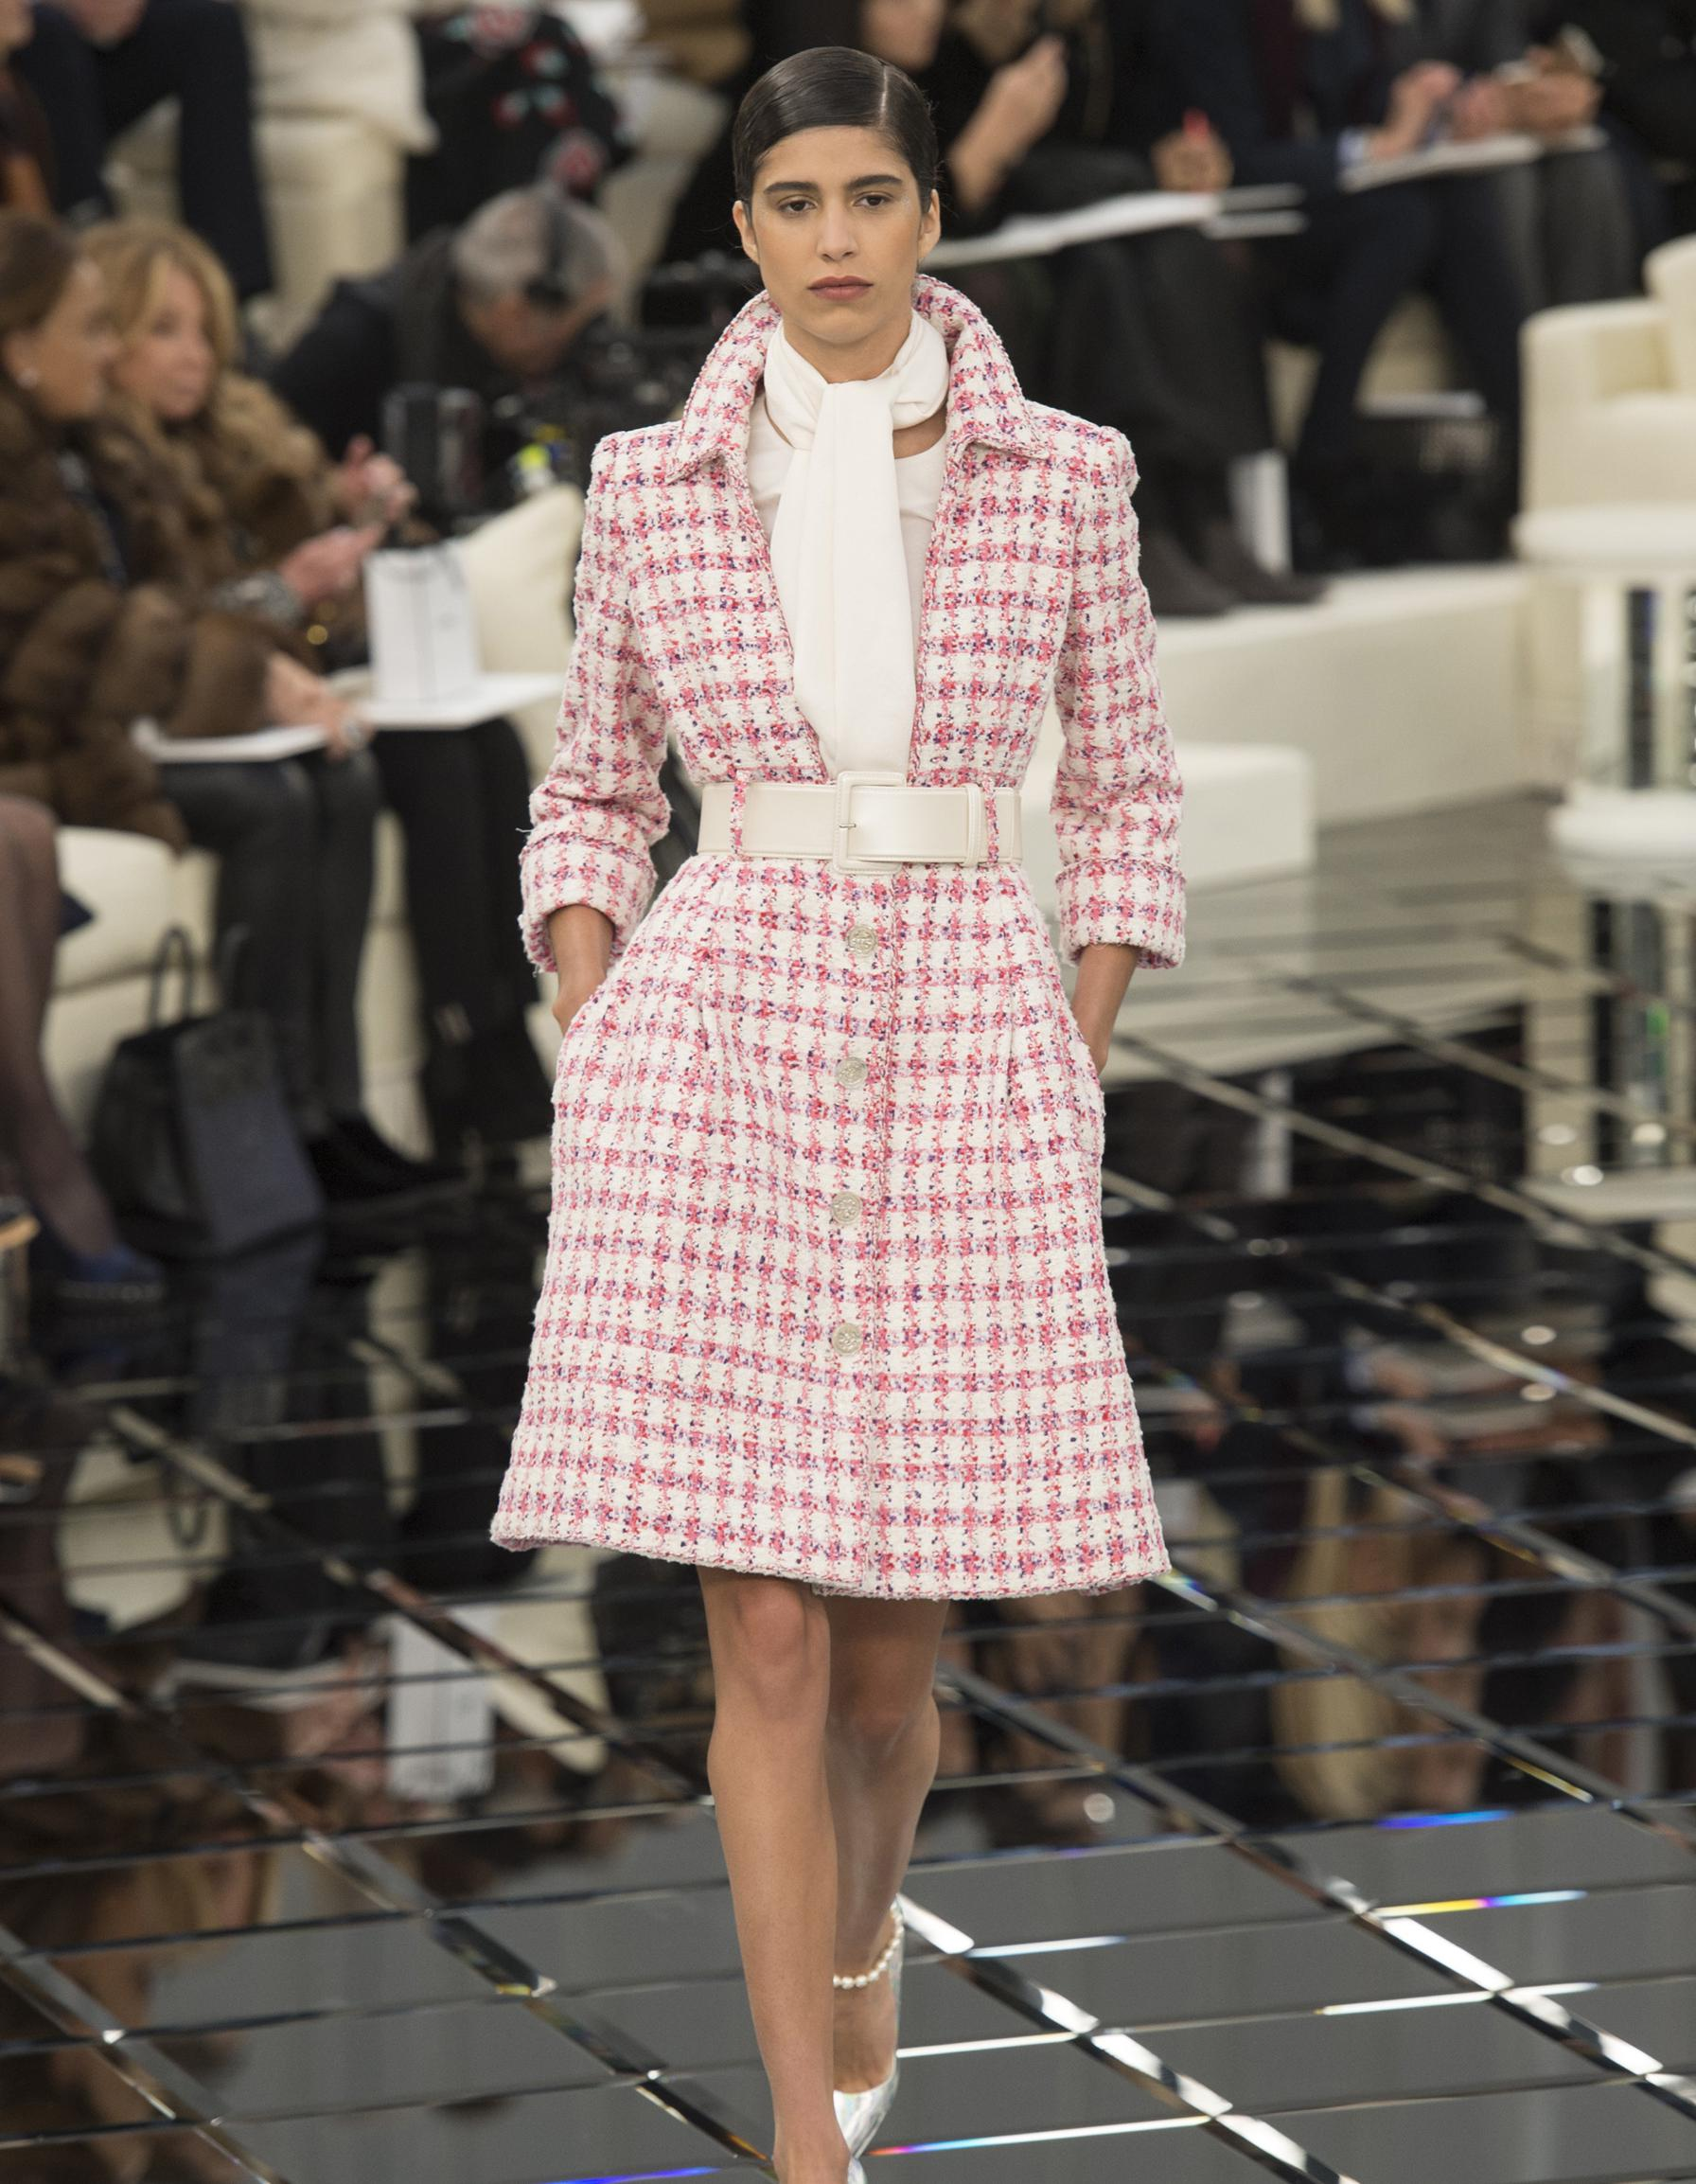 Défilé Chanel Haute Couture printemps-été 2017 - Paris - Elle: http://www.elle.fr/Mode/Les-defiles-de-mode/Chanel/Haute-Couture/printemps-ete-2017/Paris